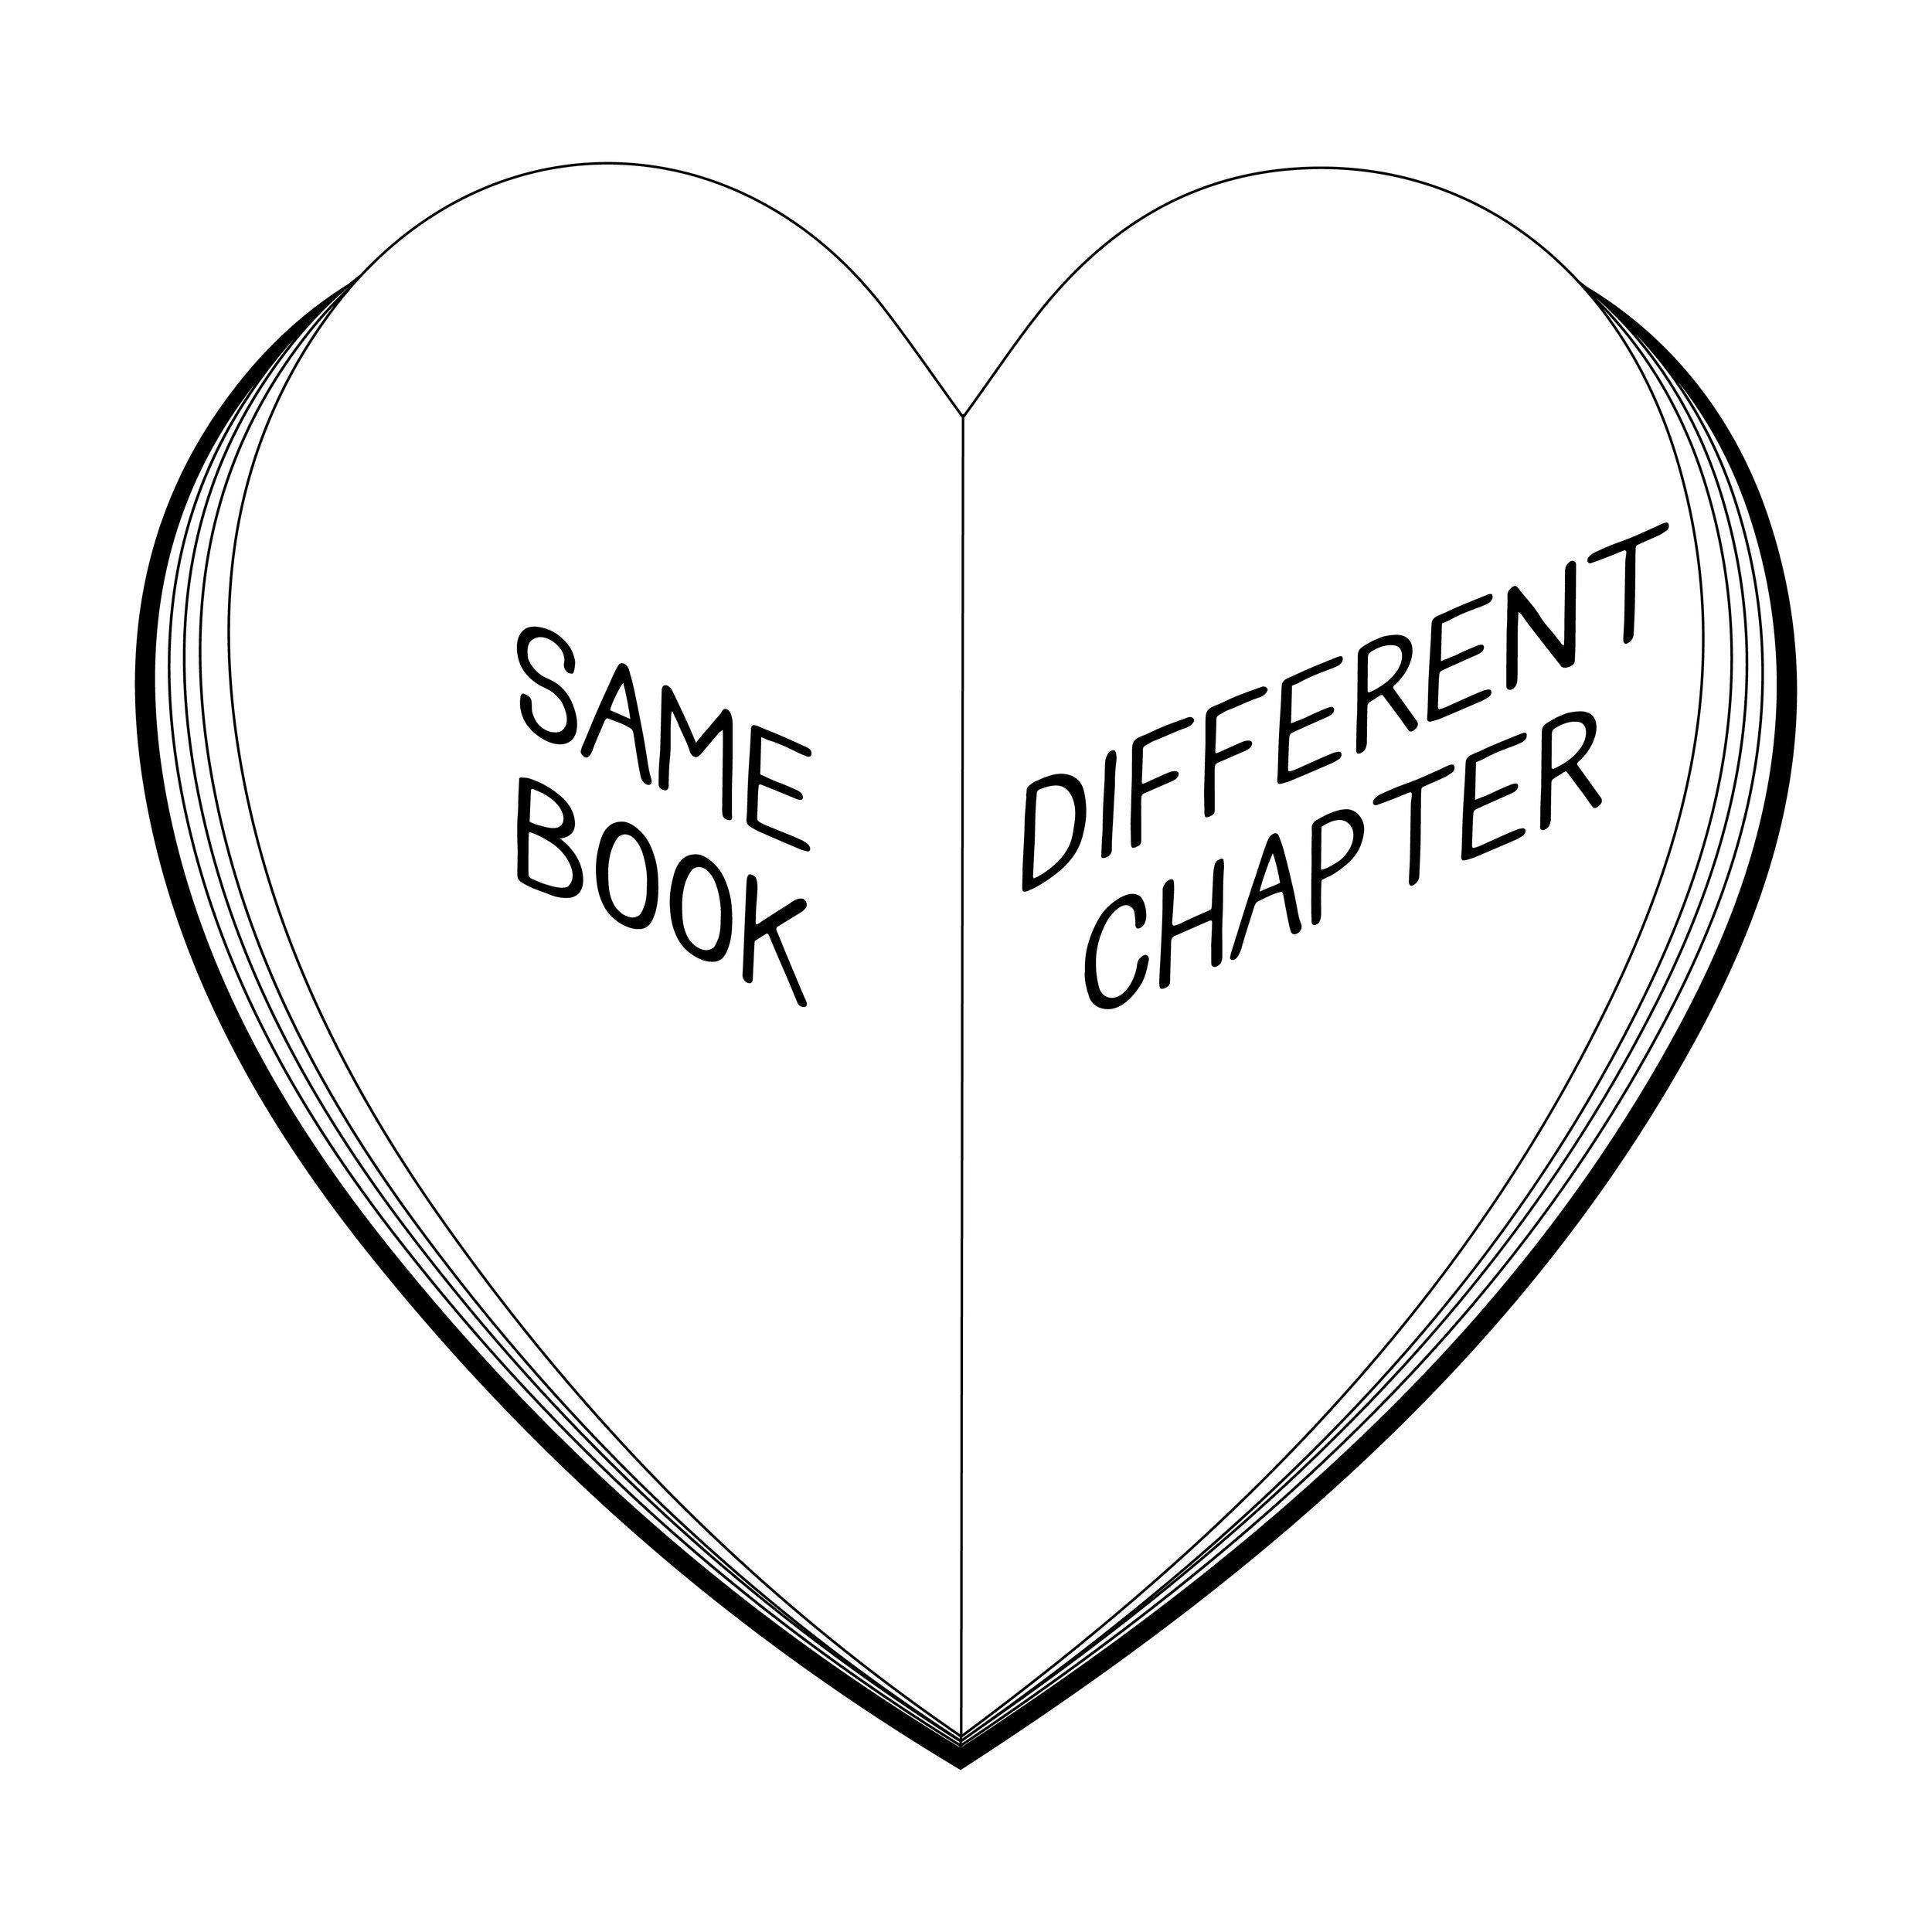 samebook-01.jpg